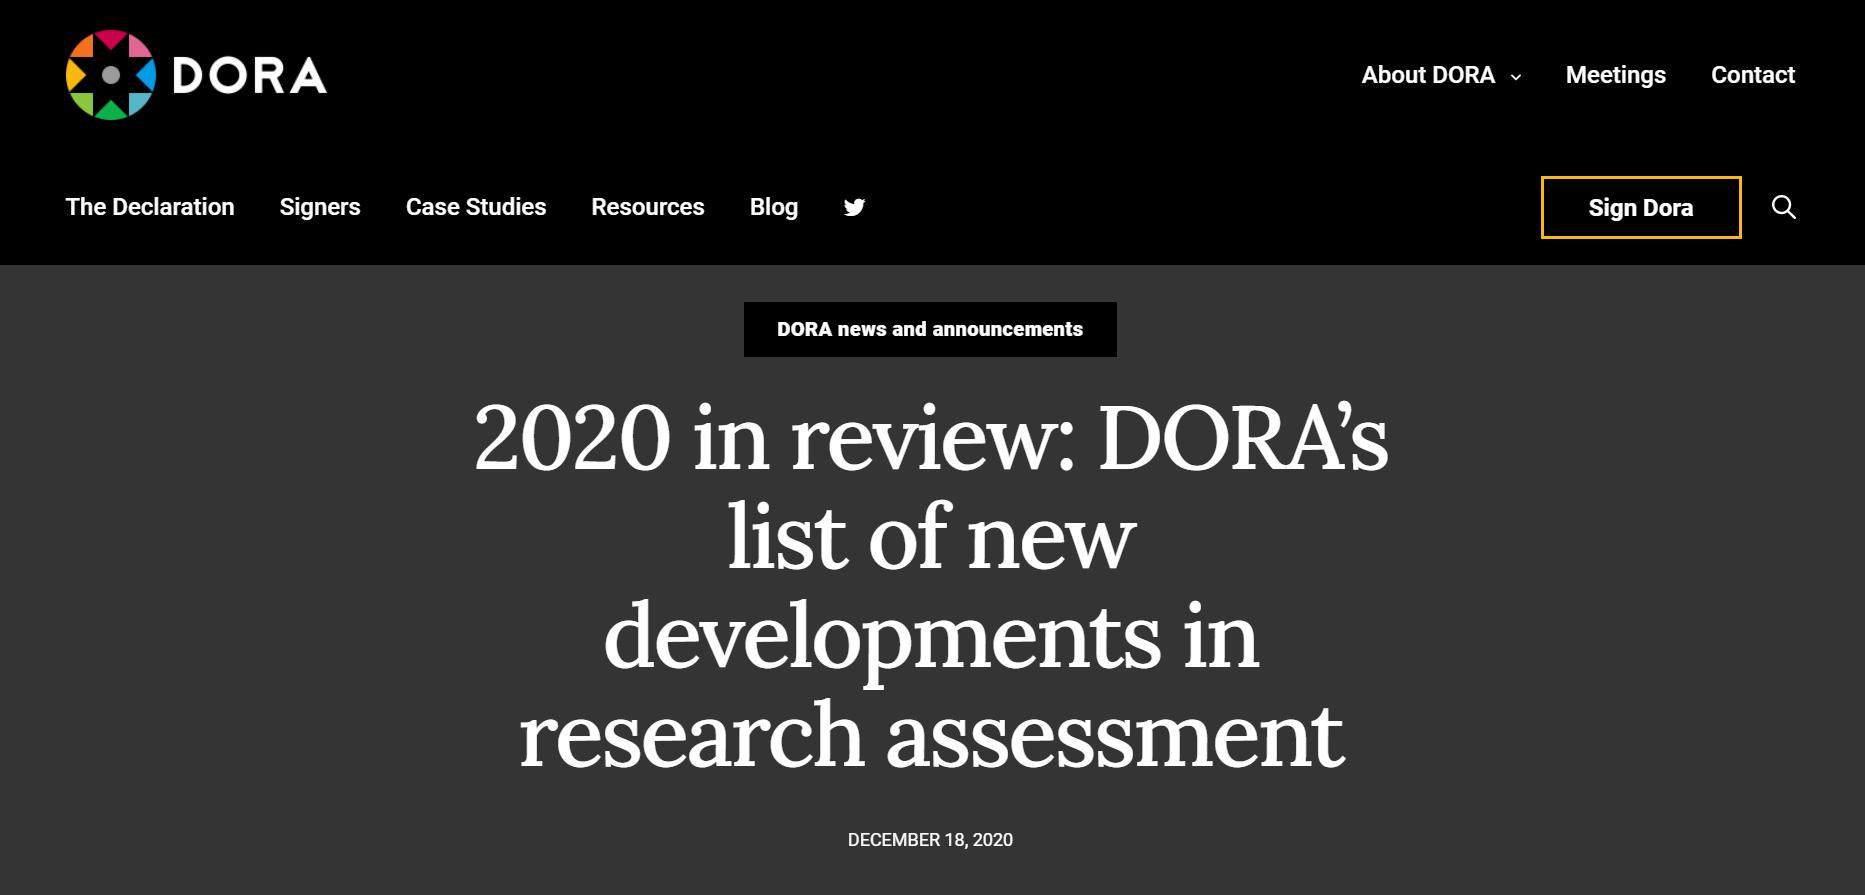 On DORA's list